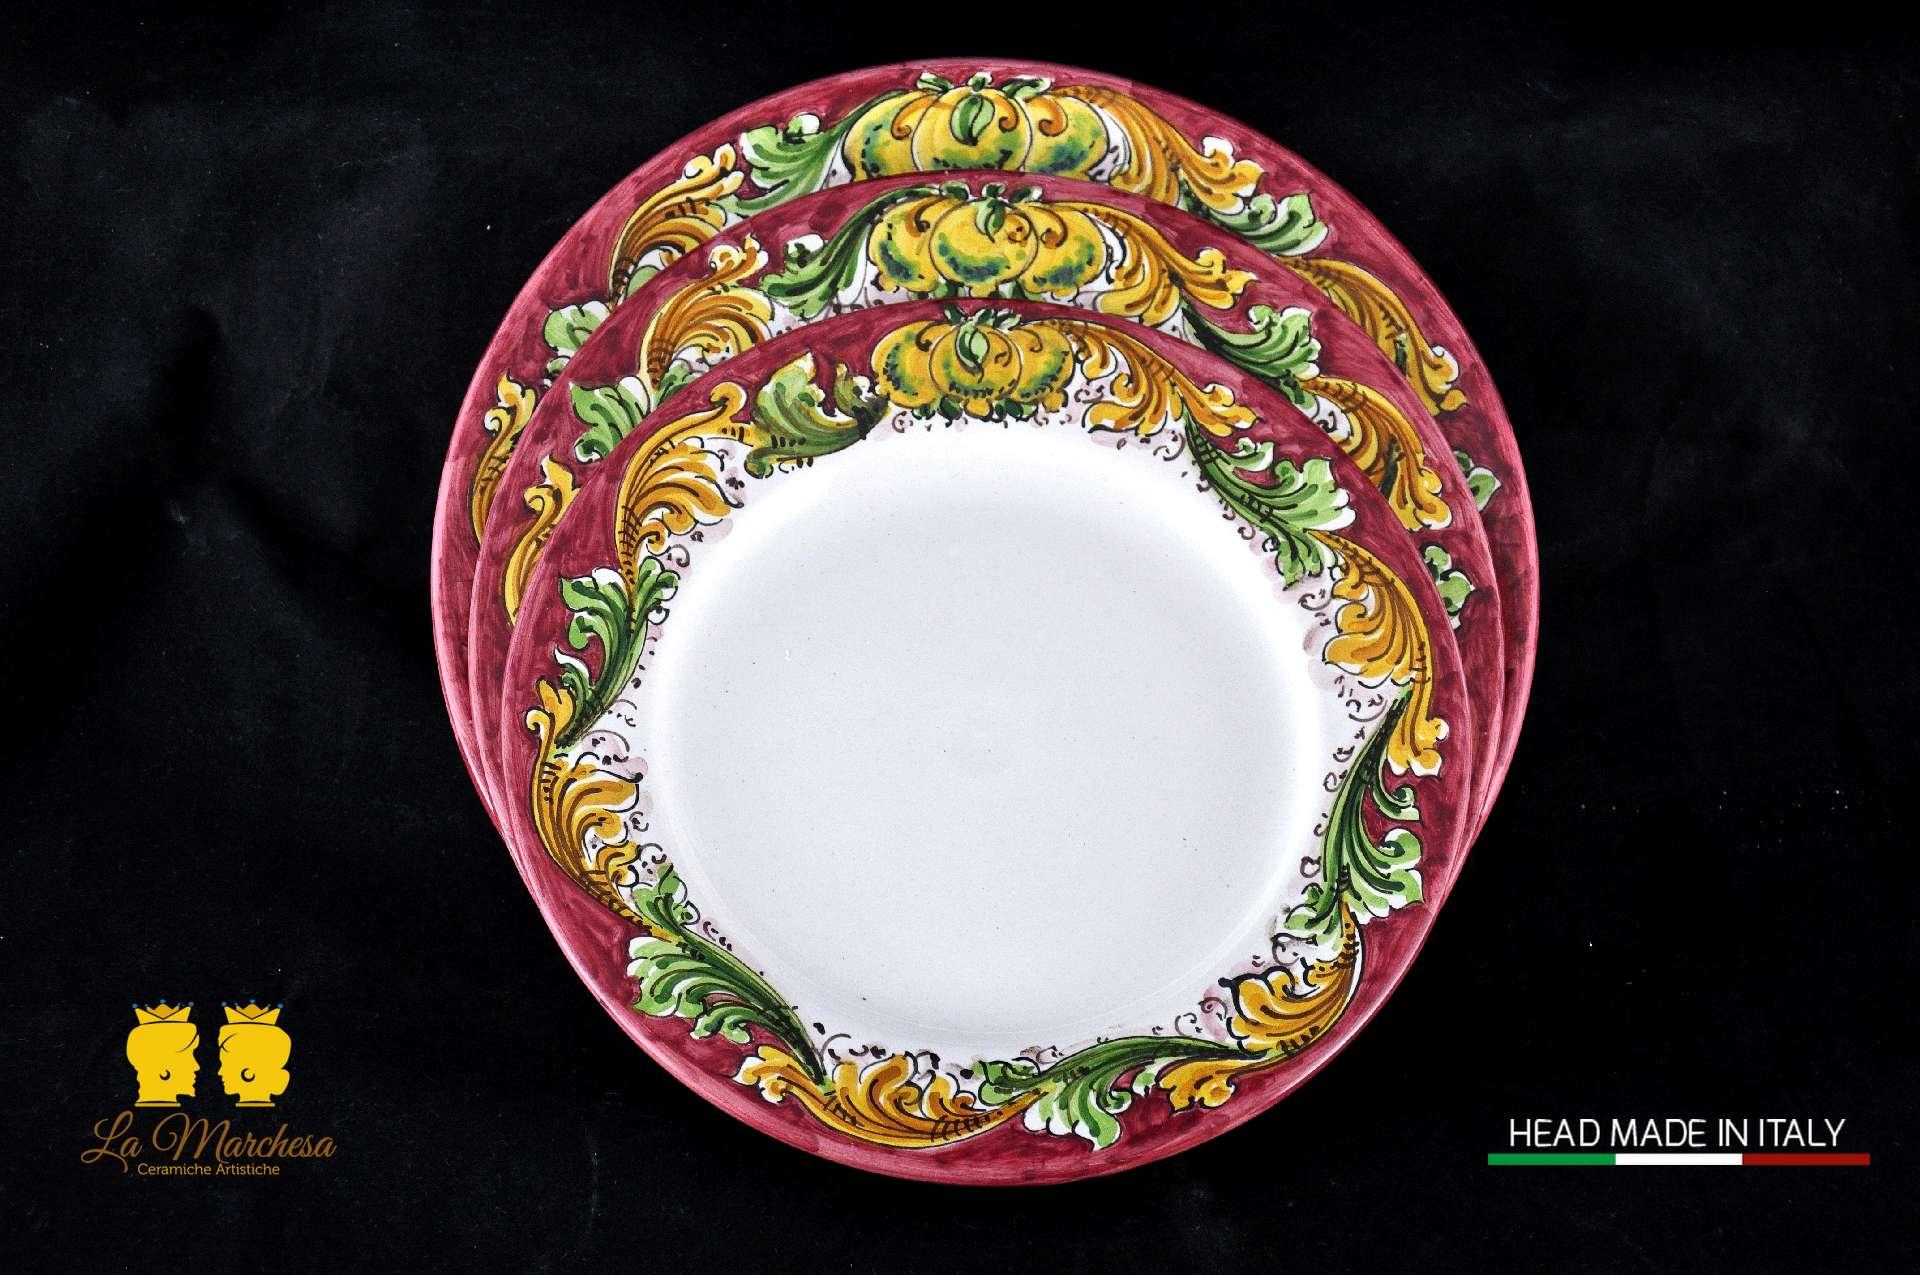 Piatti Ceramica Di Caltagirone.Servizio Piatti Ornato 12pz La Marchesa Ceramiche Artistiche